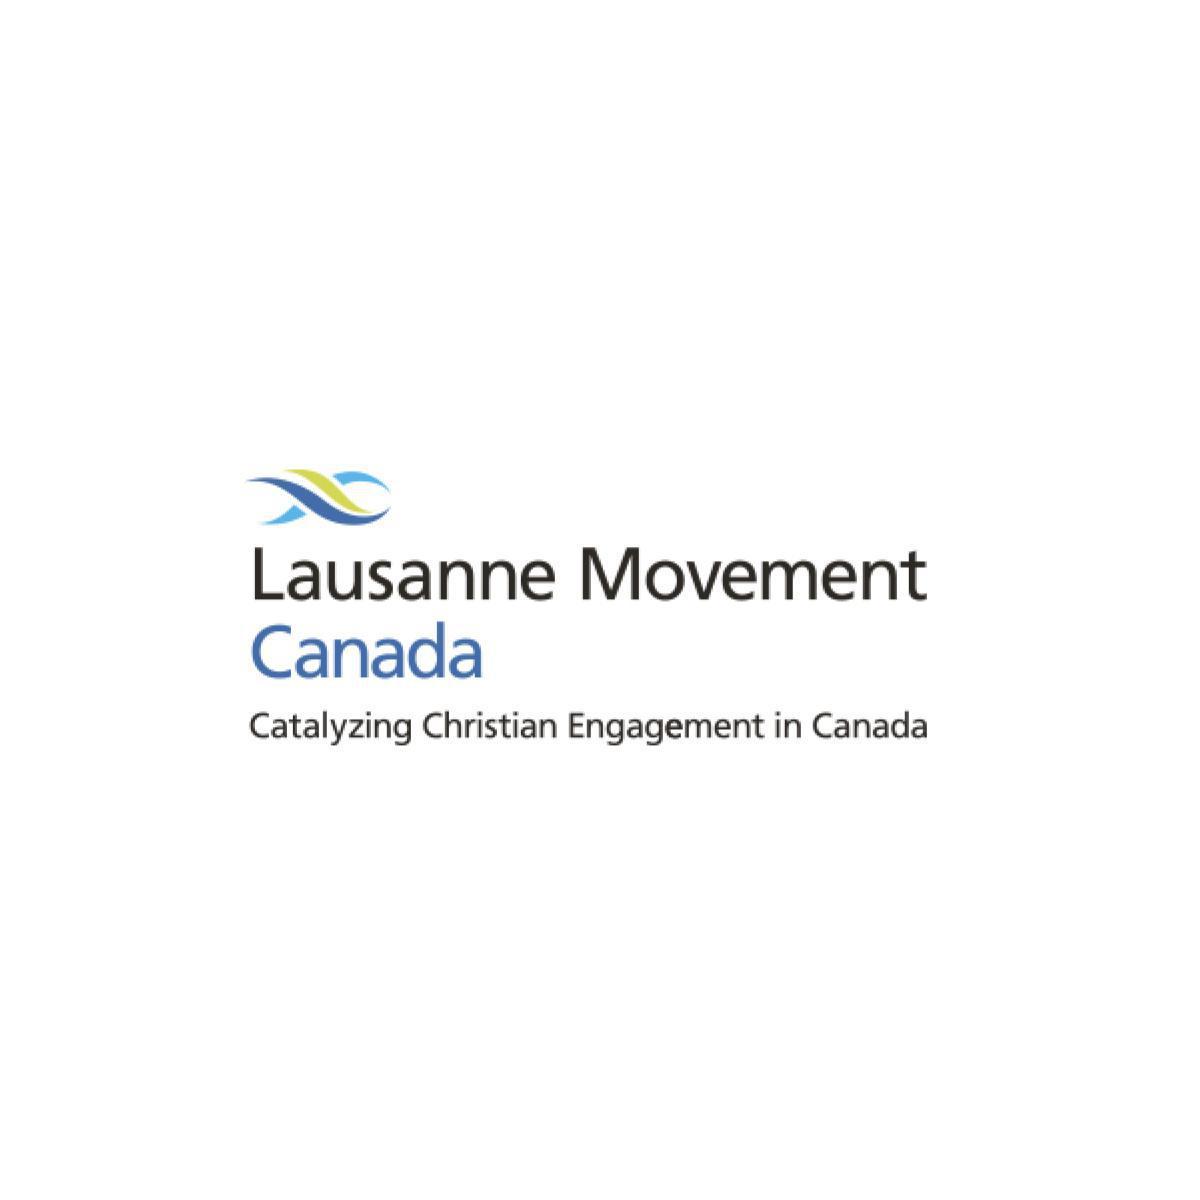 Lausanne Movement Canada